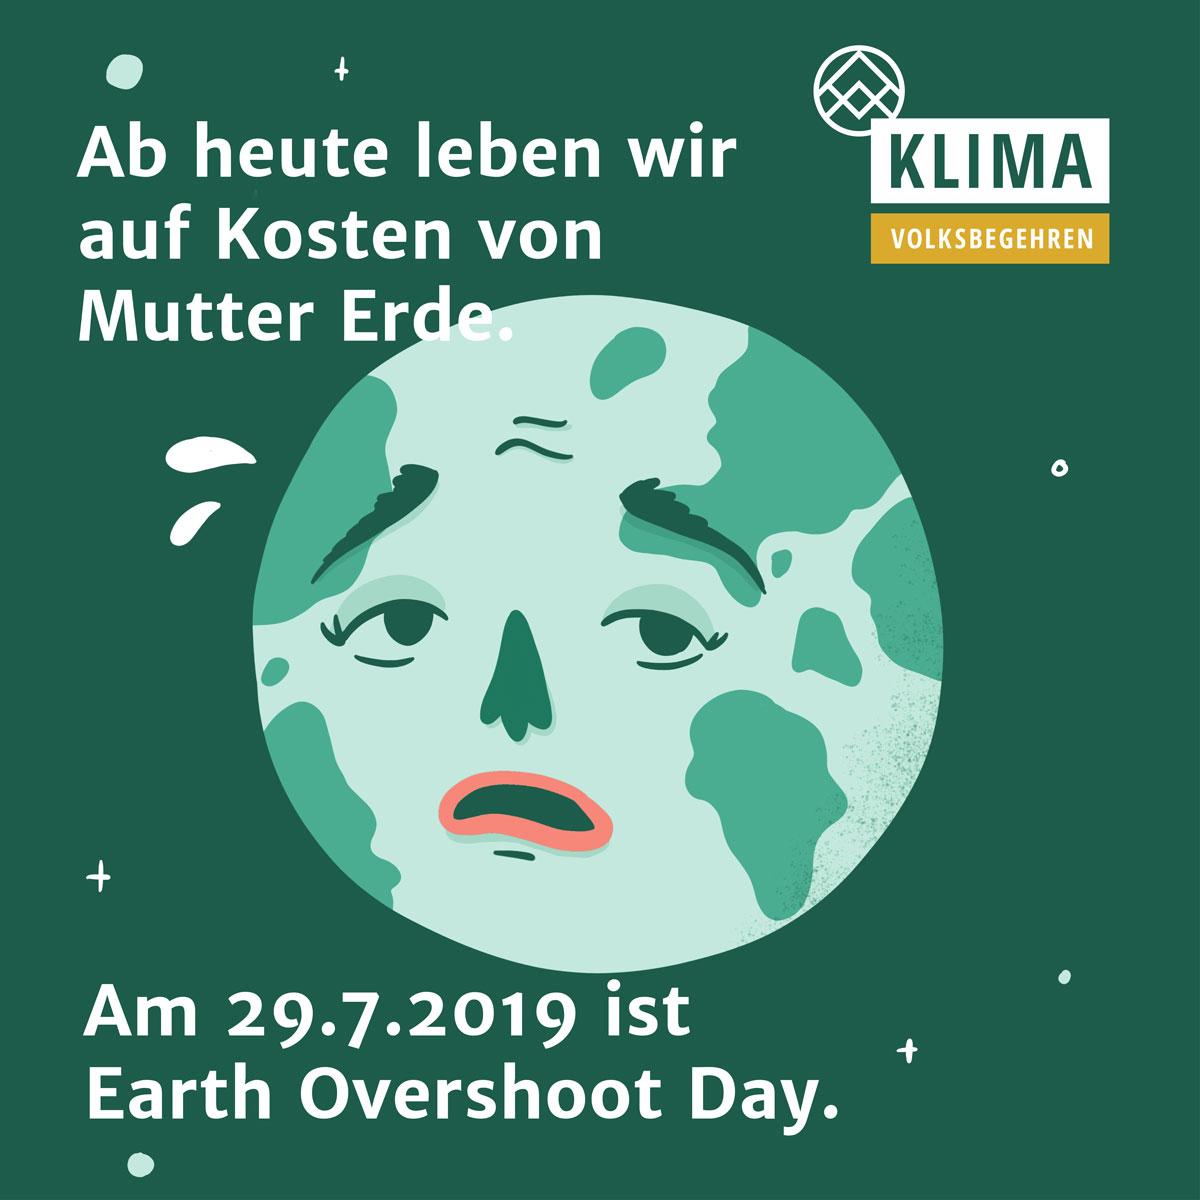 PetraHollaender_Klimavolksbegehren02